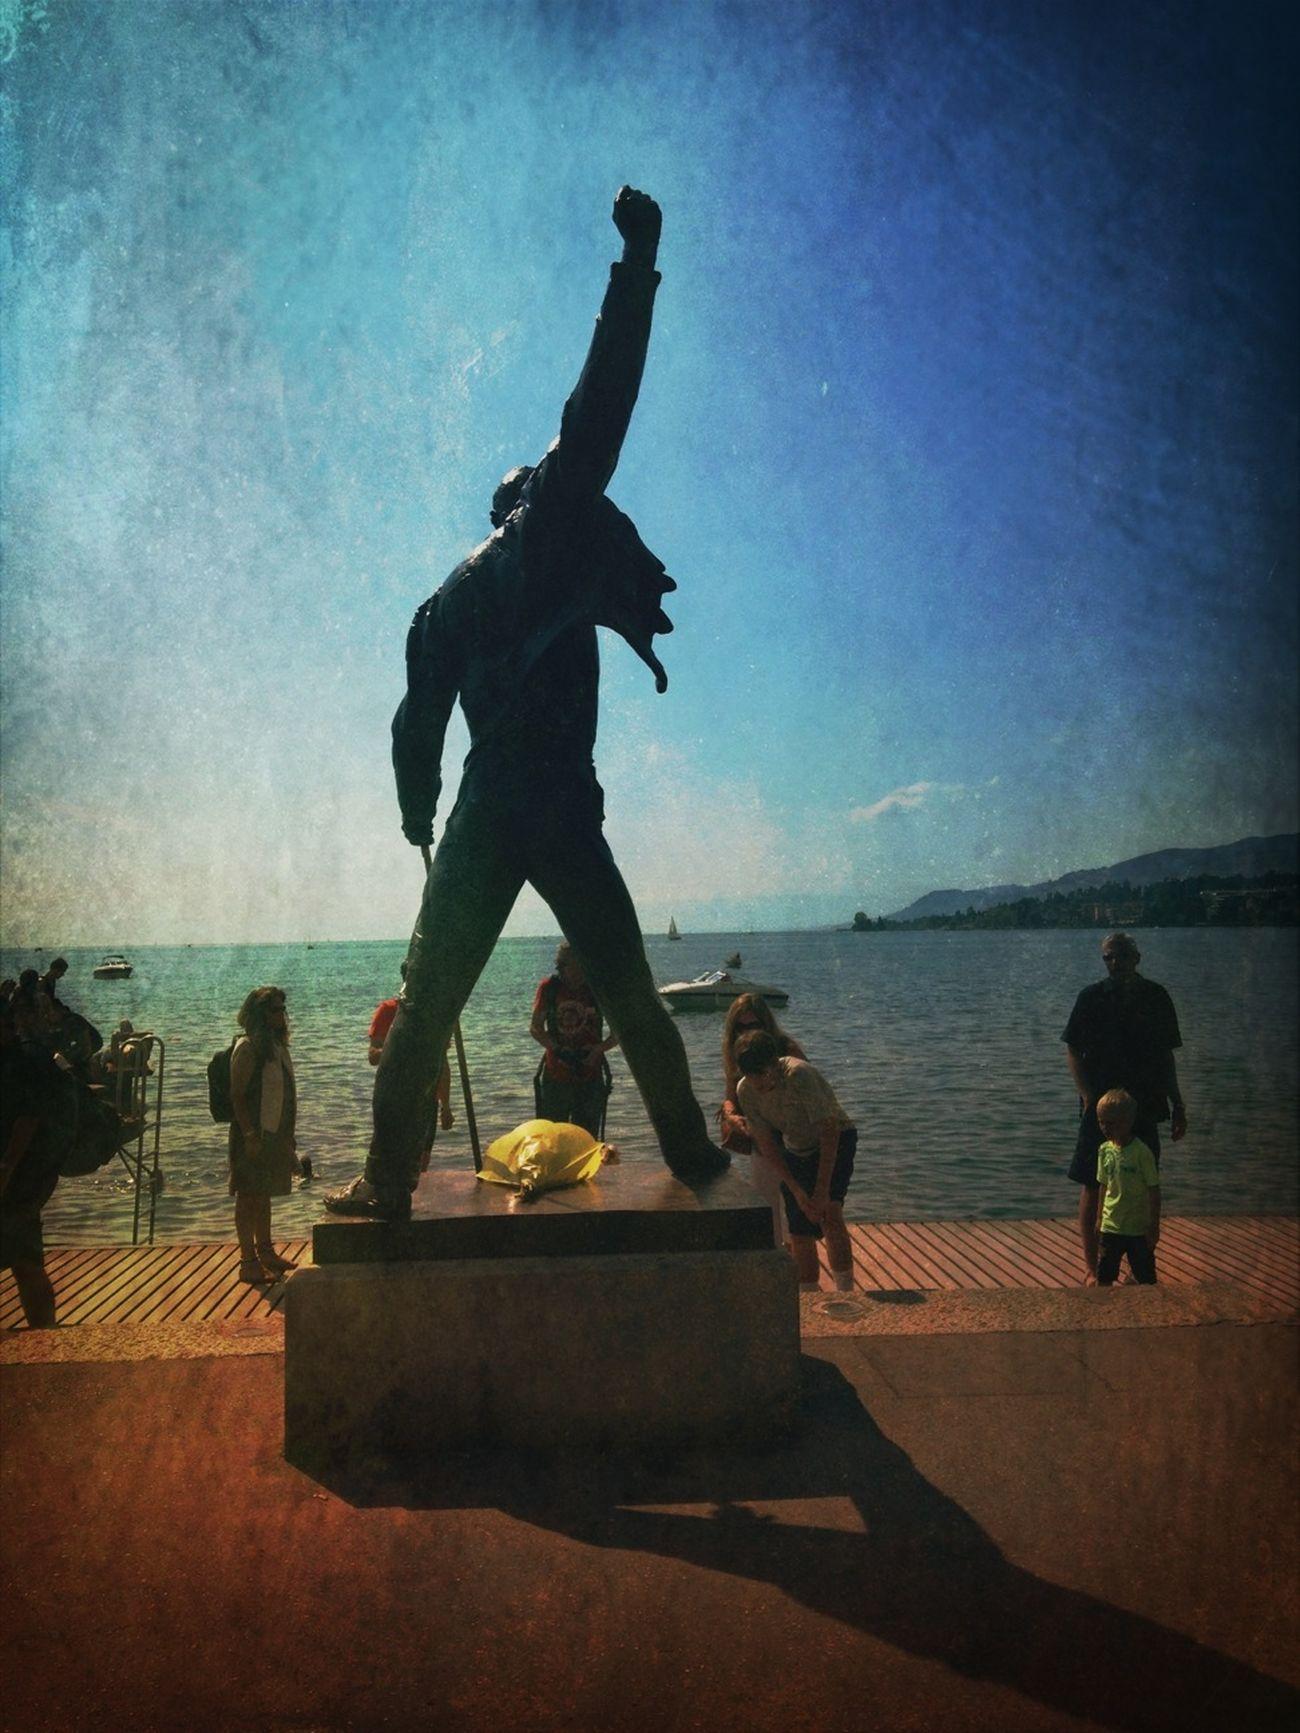 Montreux - Freddie Mercury Statue - l'ombre de la Statue - AMPt_community Shootermag Streetphoto_color Vintage